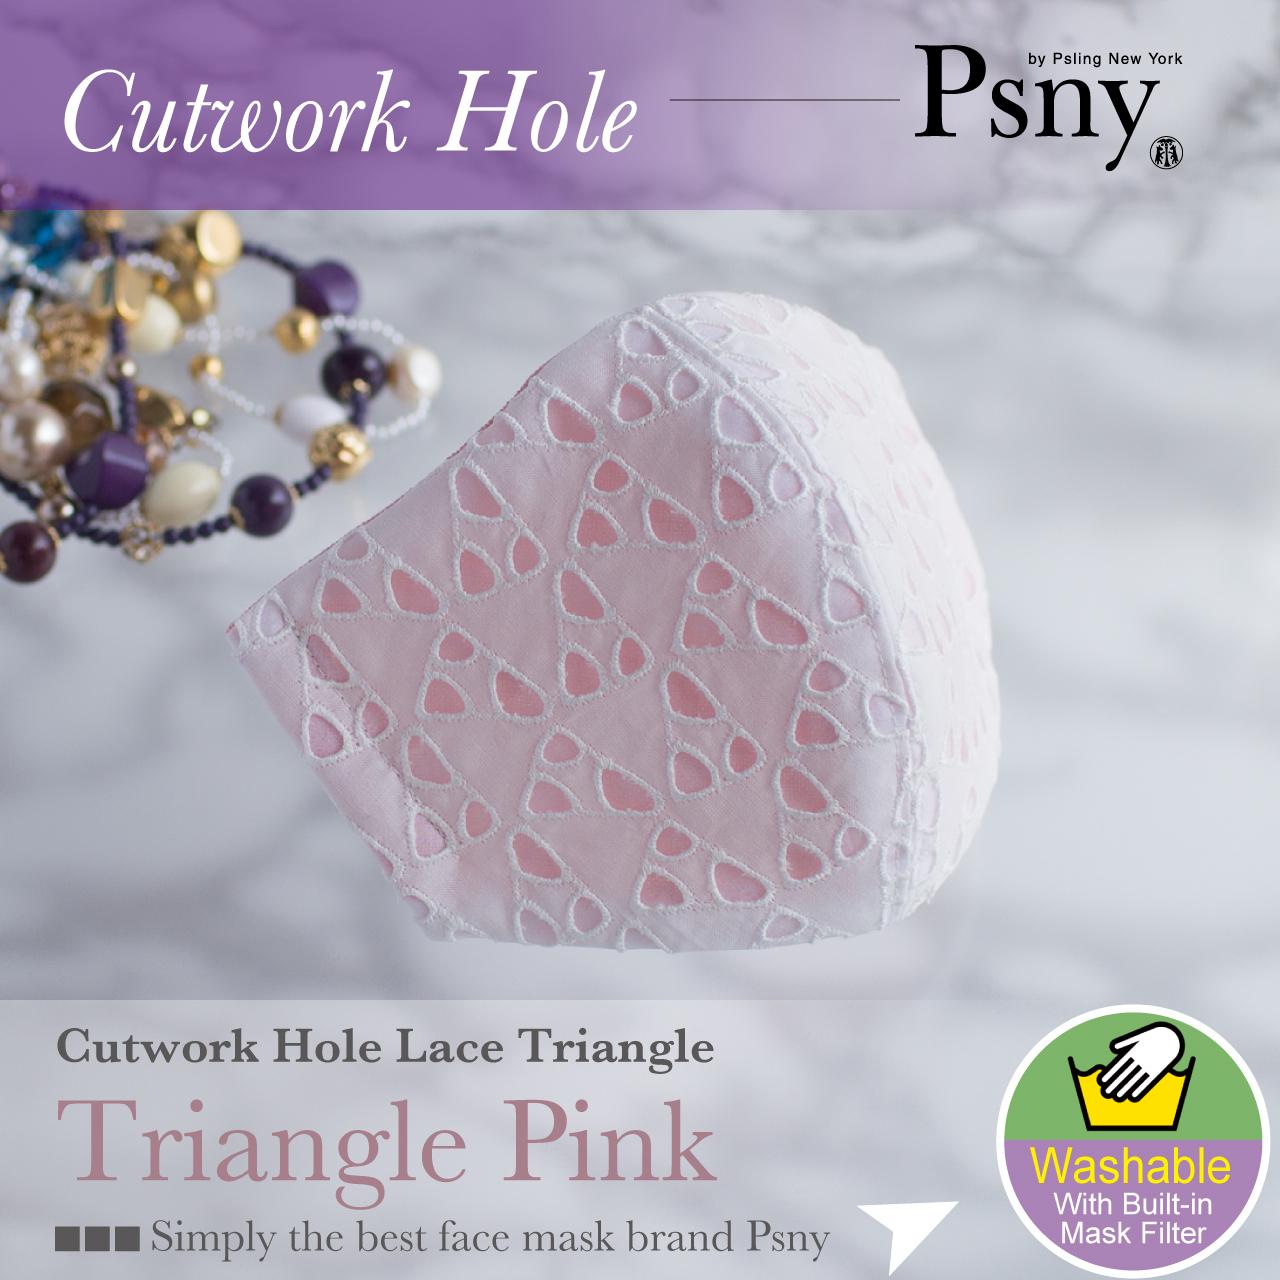 PSNY レース トライアングル・ピンク 花粉 黄砂 洗える不織布フィルター入り 立体 大人用 マスク 送料無料 LC1